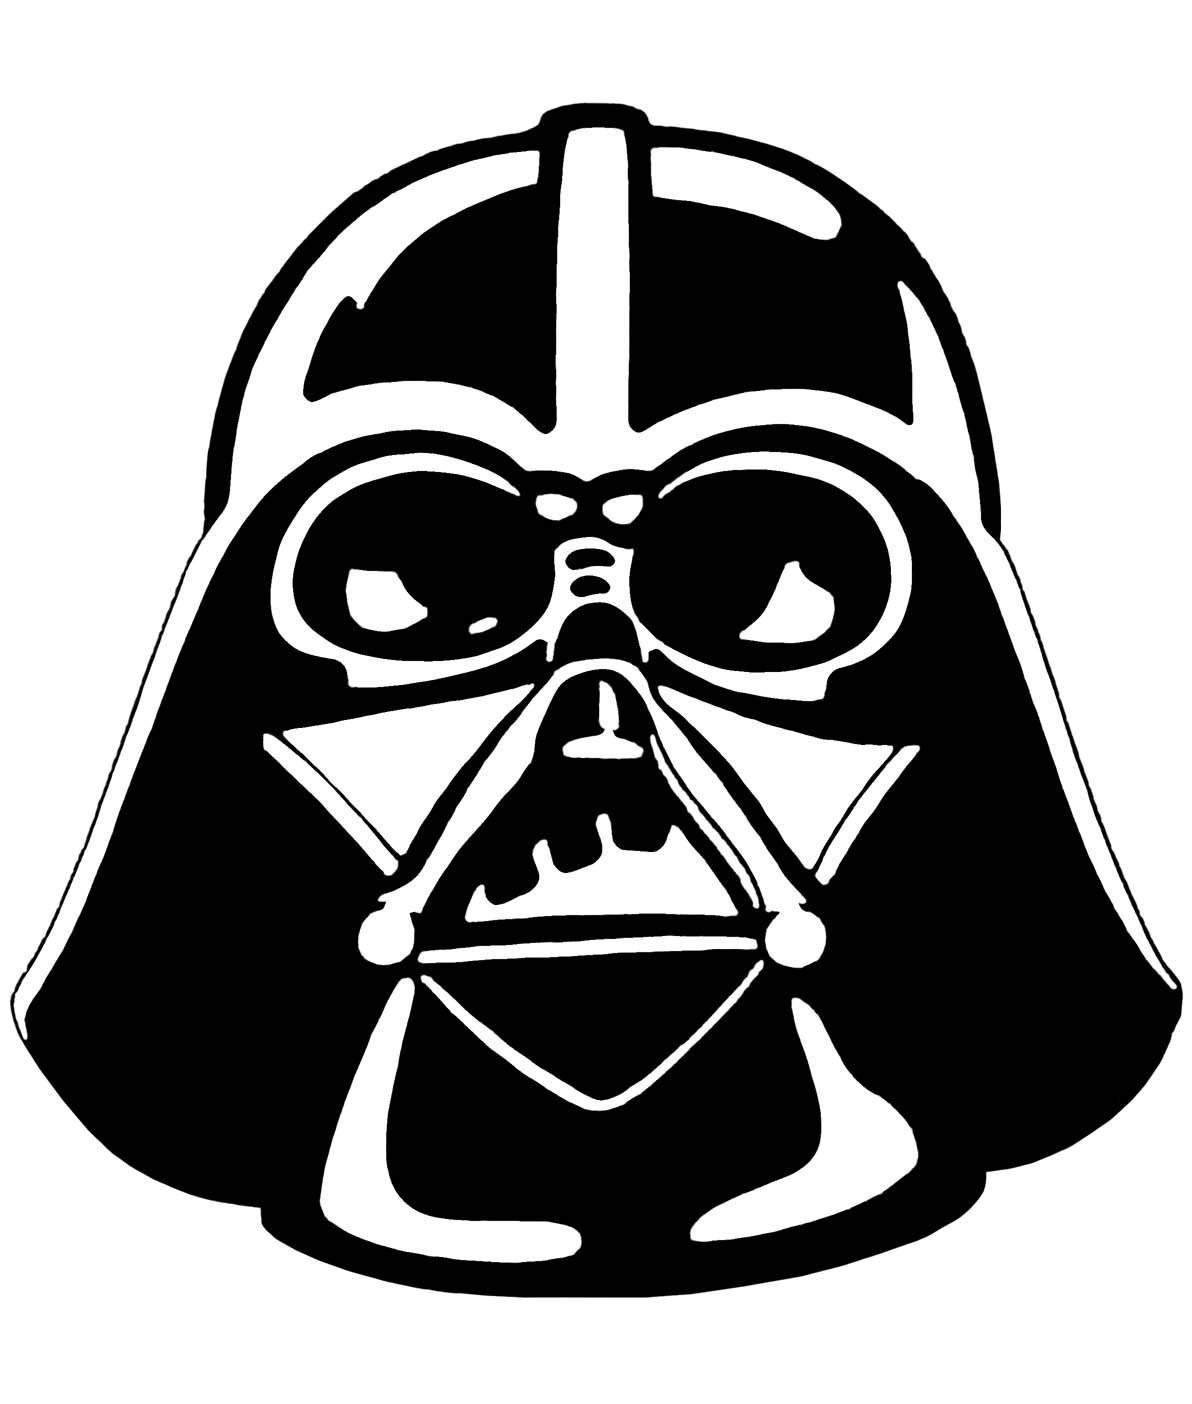 Black clipart star wars.  darth vader stencil